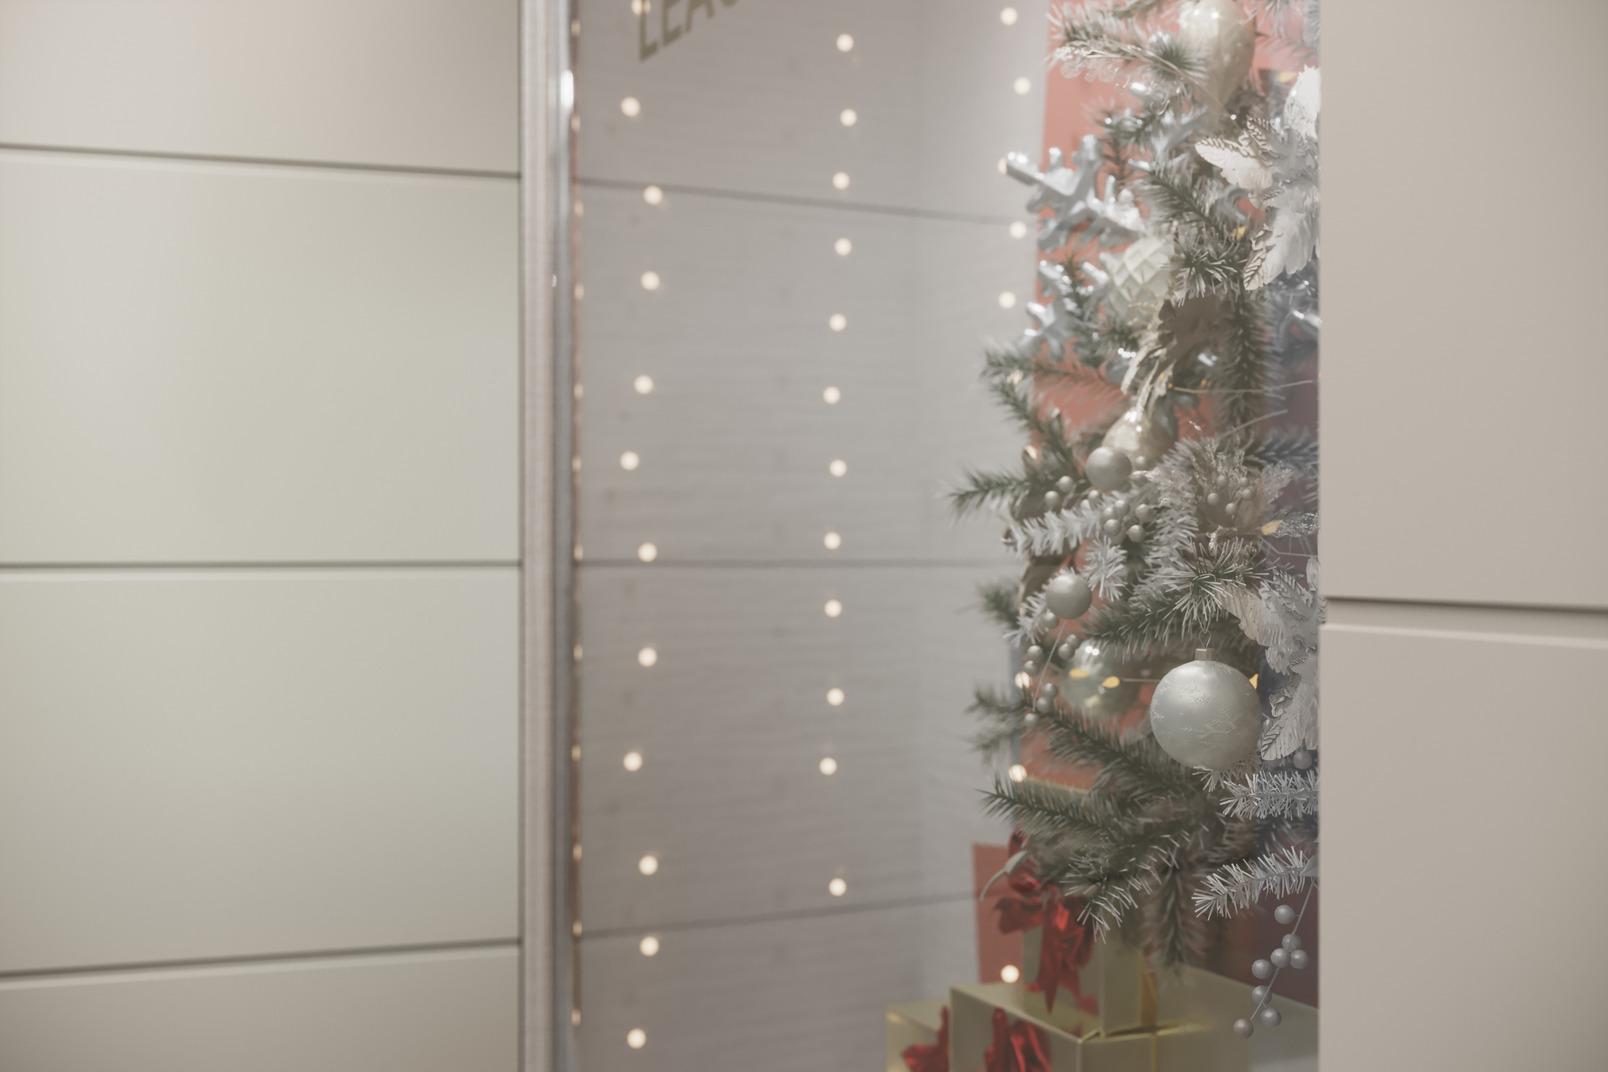 Arbre de noël décoré dans le miroir